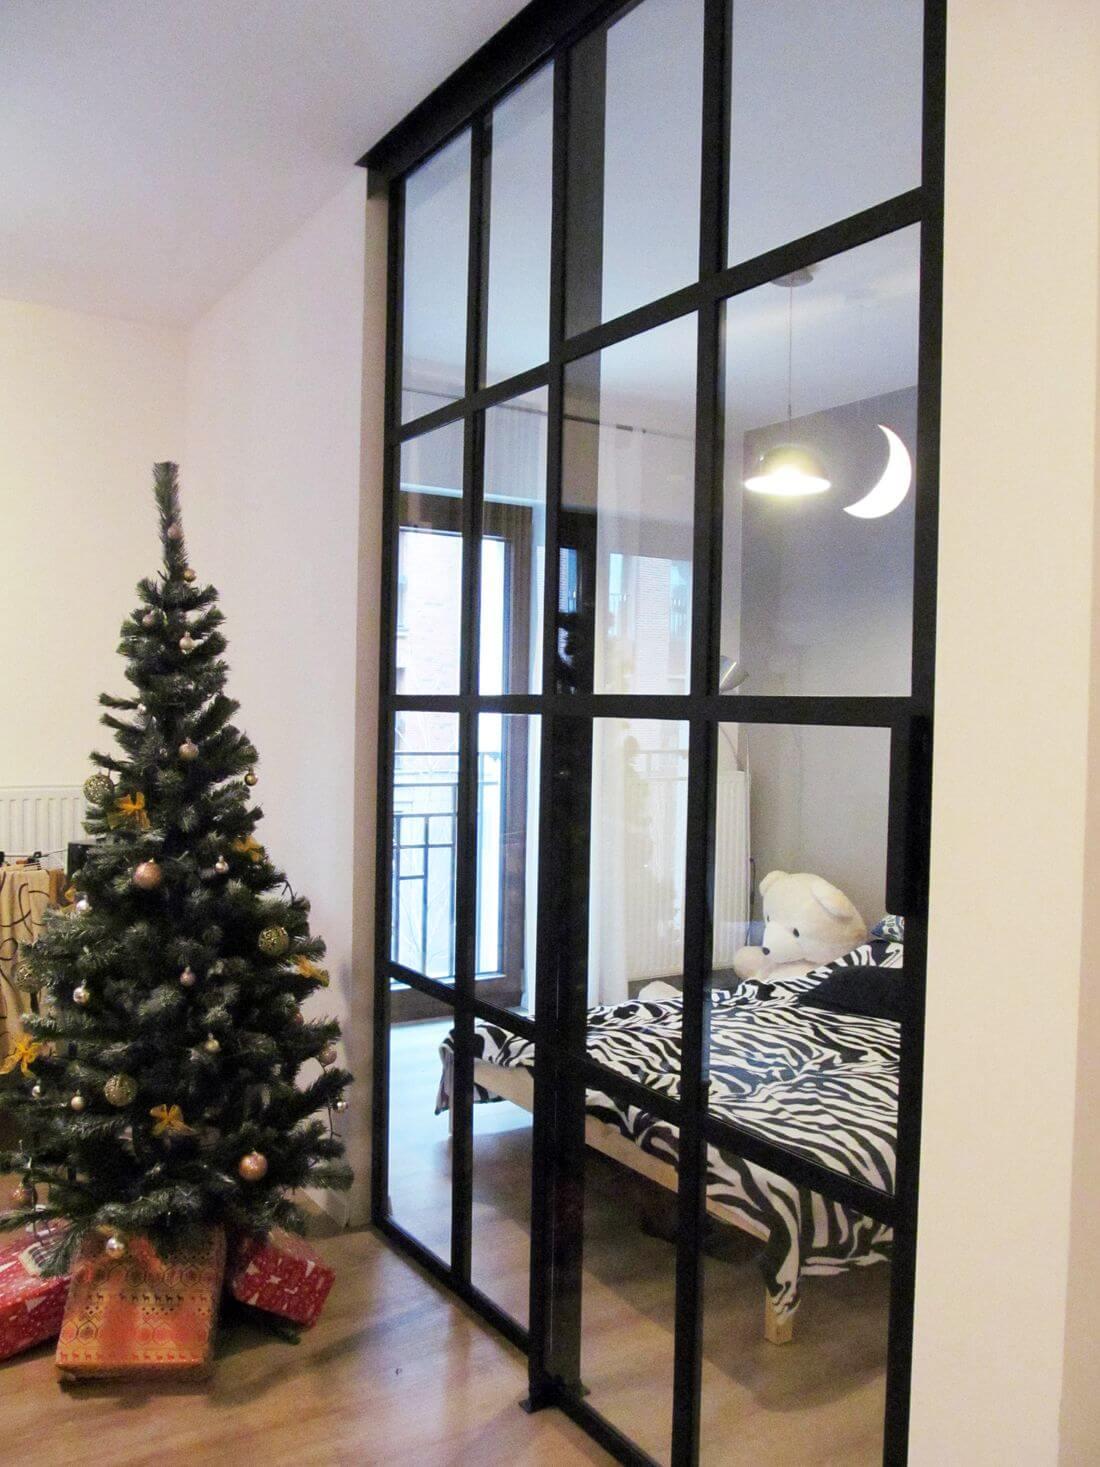 Wykonane z metalu i szkła drzwi przesuwne pomiędzy sypialnią i salonem oparte na szynie w suficie i prowadnicy na parkiecie